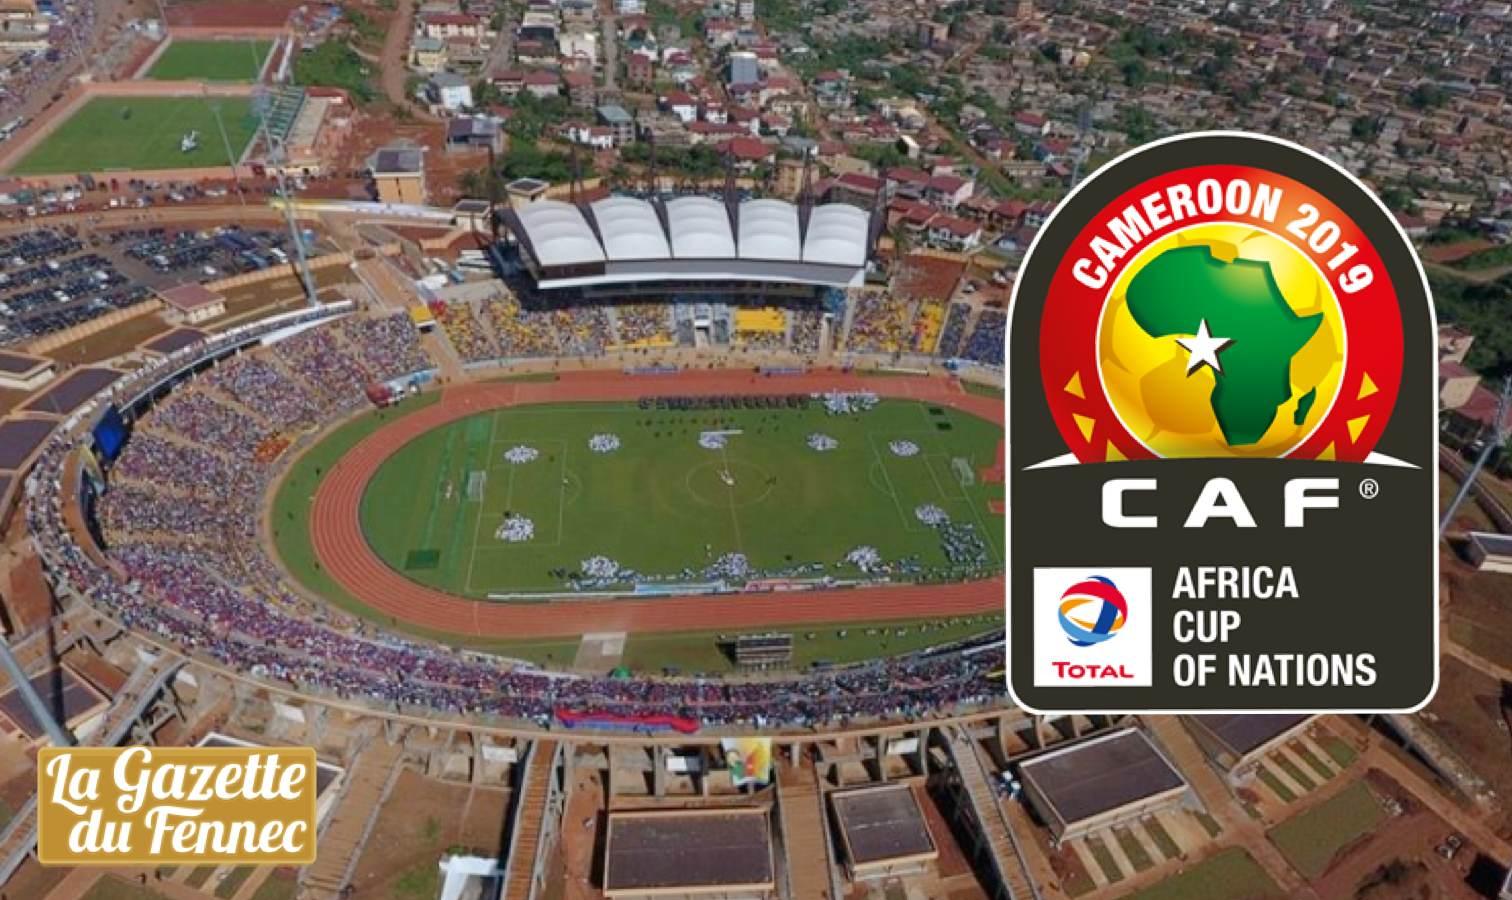 stade jour cameroun CAN 2019